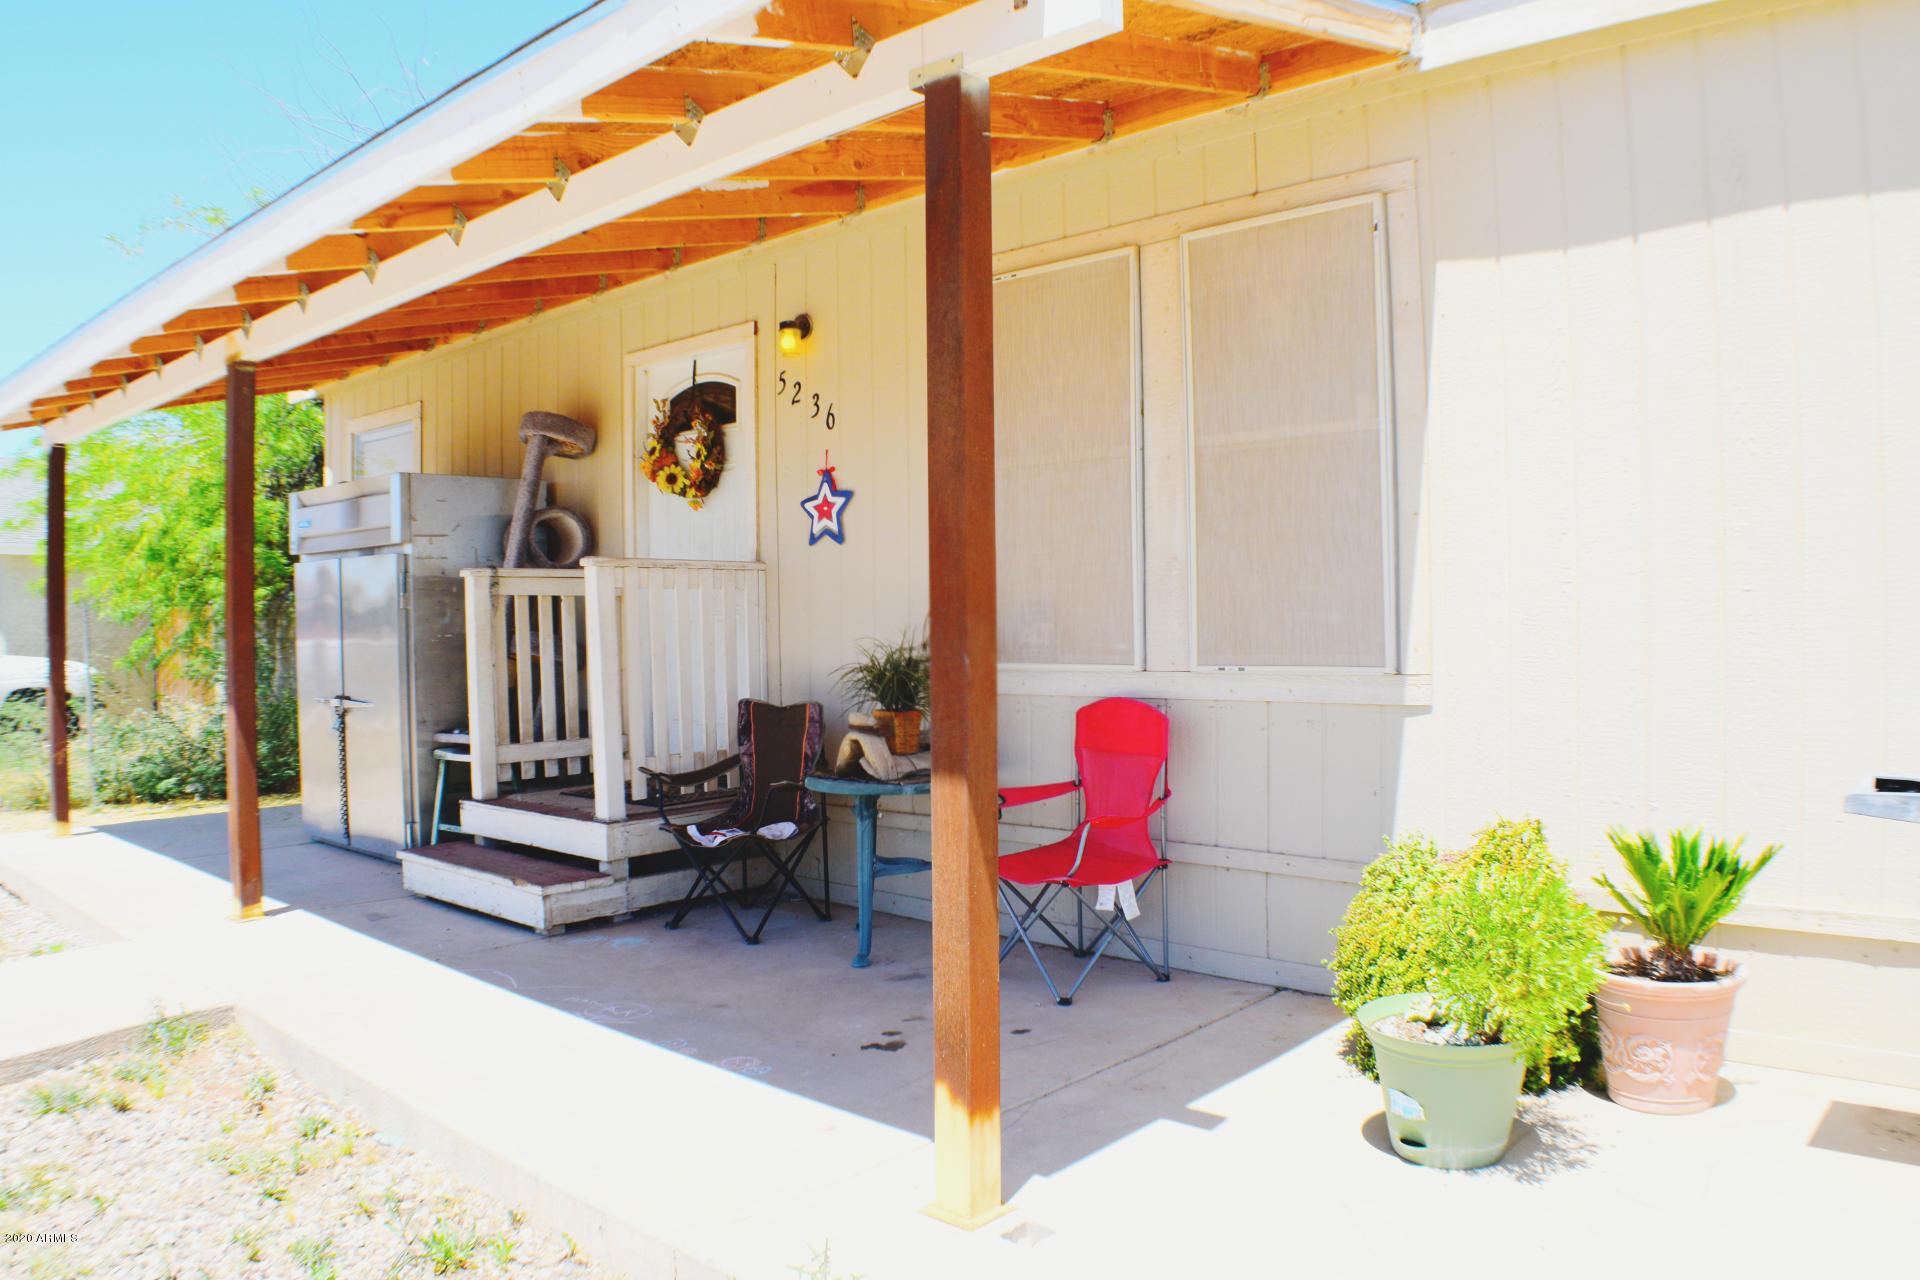 Photo of 5236 E Vista Grande Vista, San Tan Valley, AZ 85140